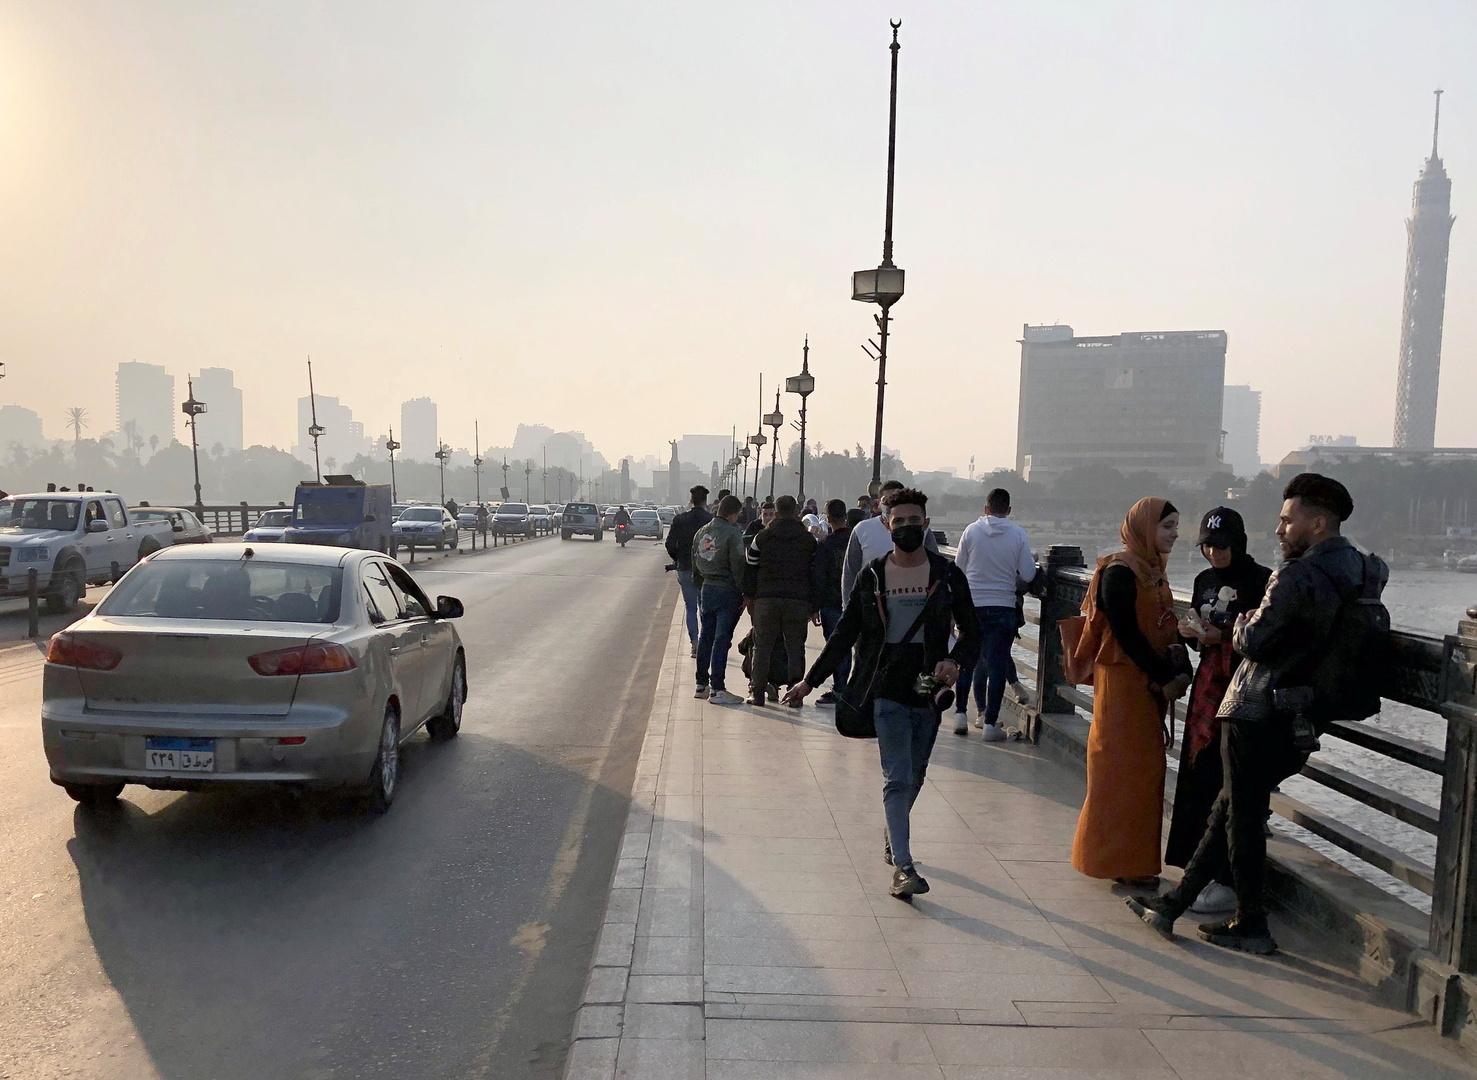 مصر.. تحذير عاجل للمواطنين بعد إعلان دخول مرحلة كورونا الثالثة